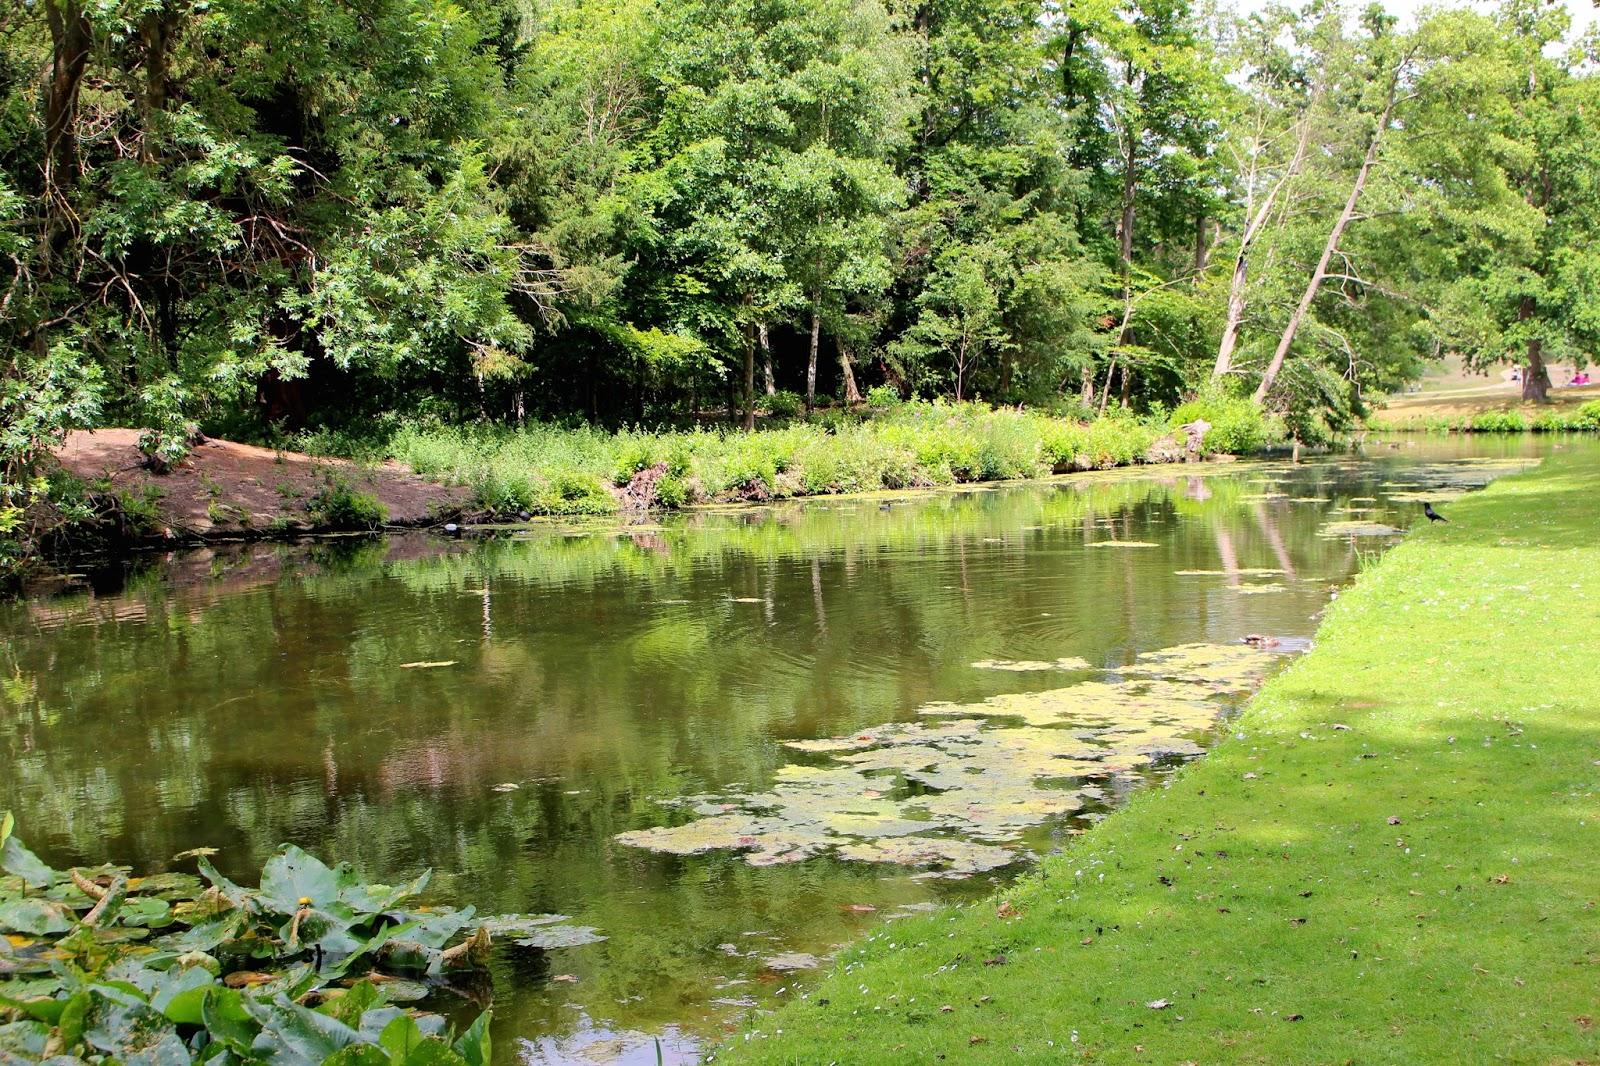 Painshill Park Surrey